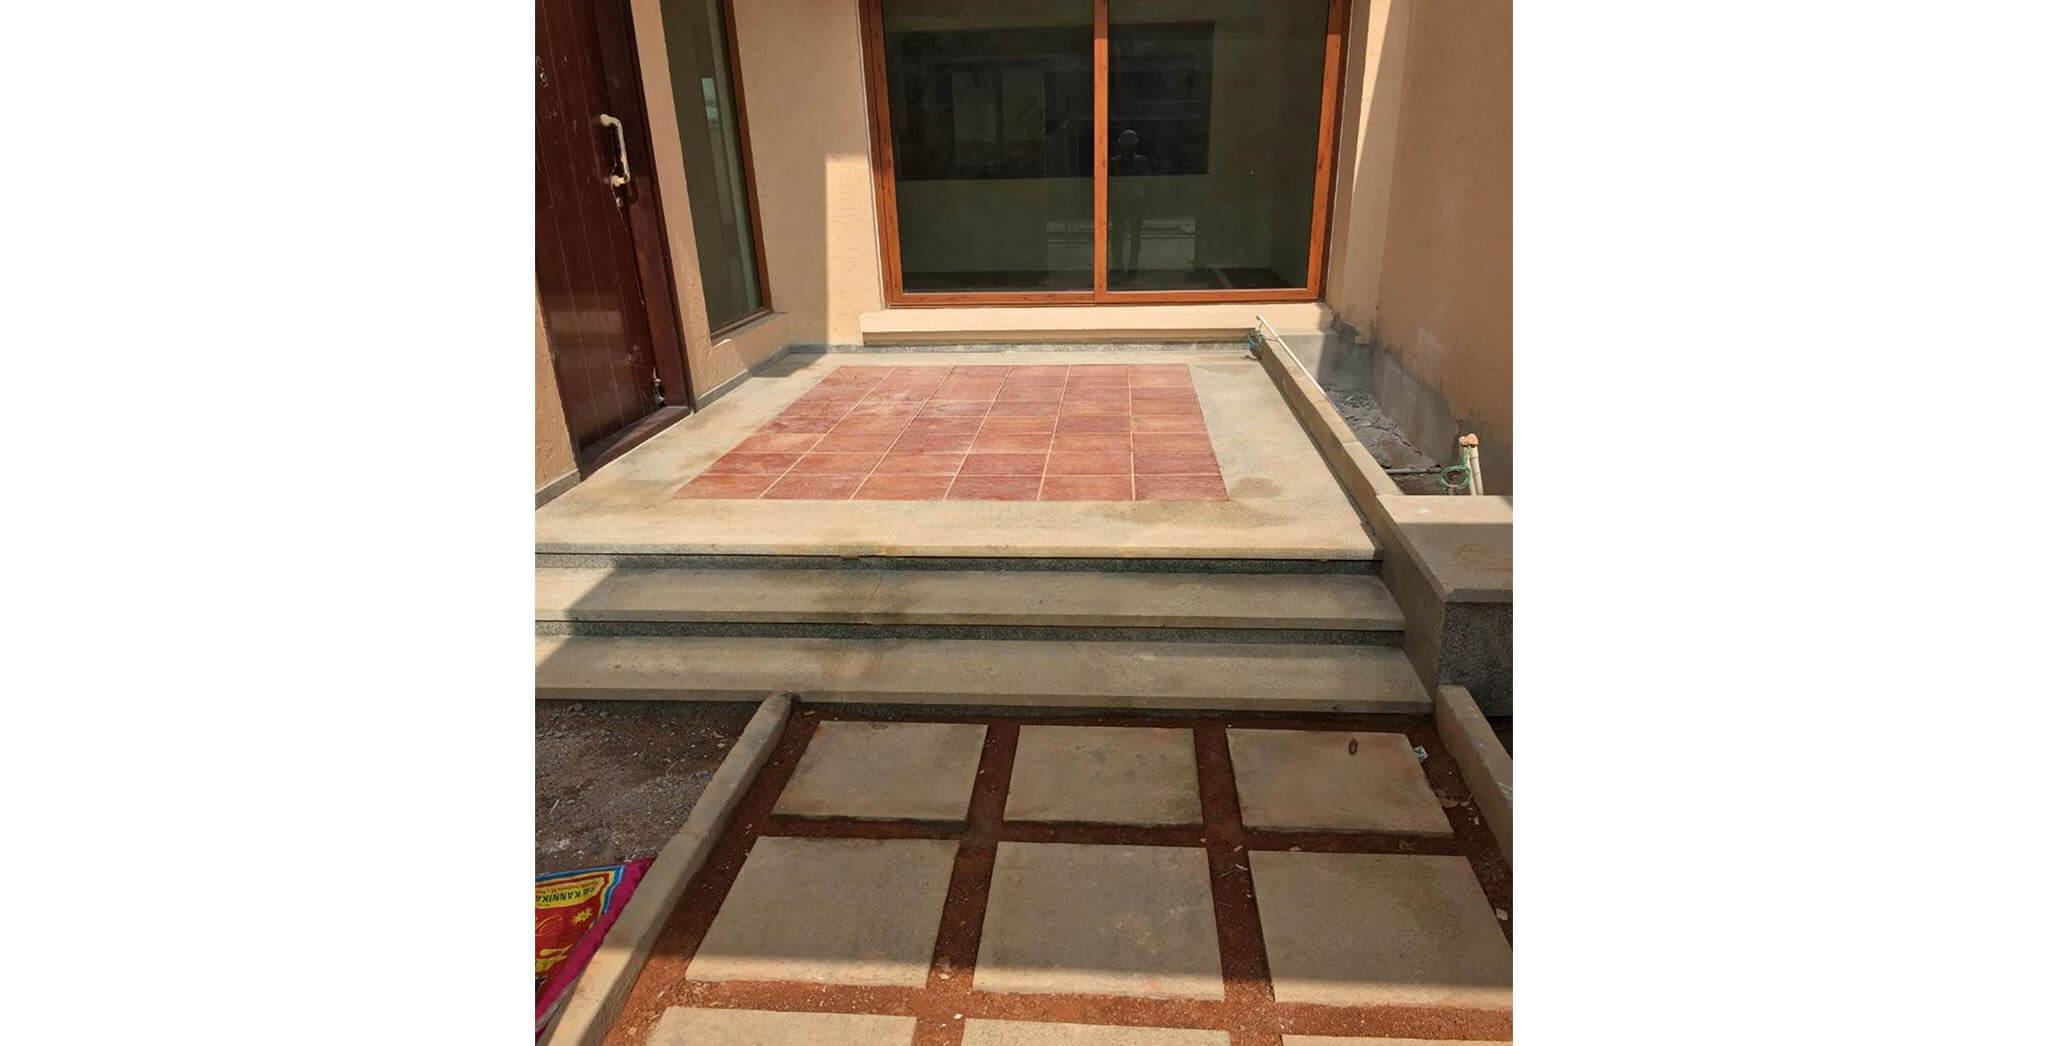 Jan 2019 - Villas Front and Rear courtyard area Finishing work-in-progress